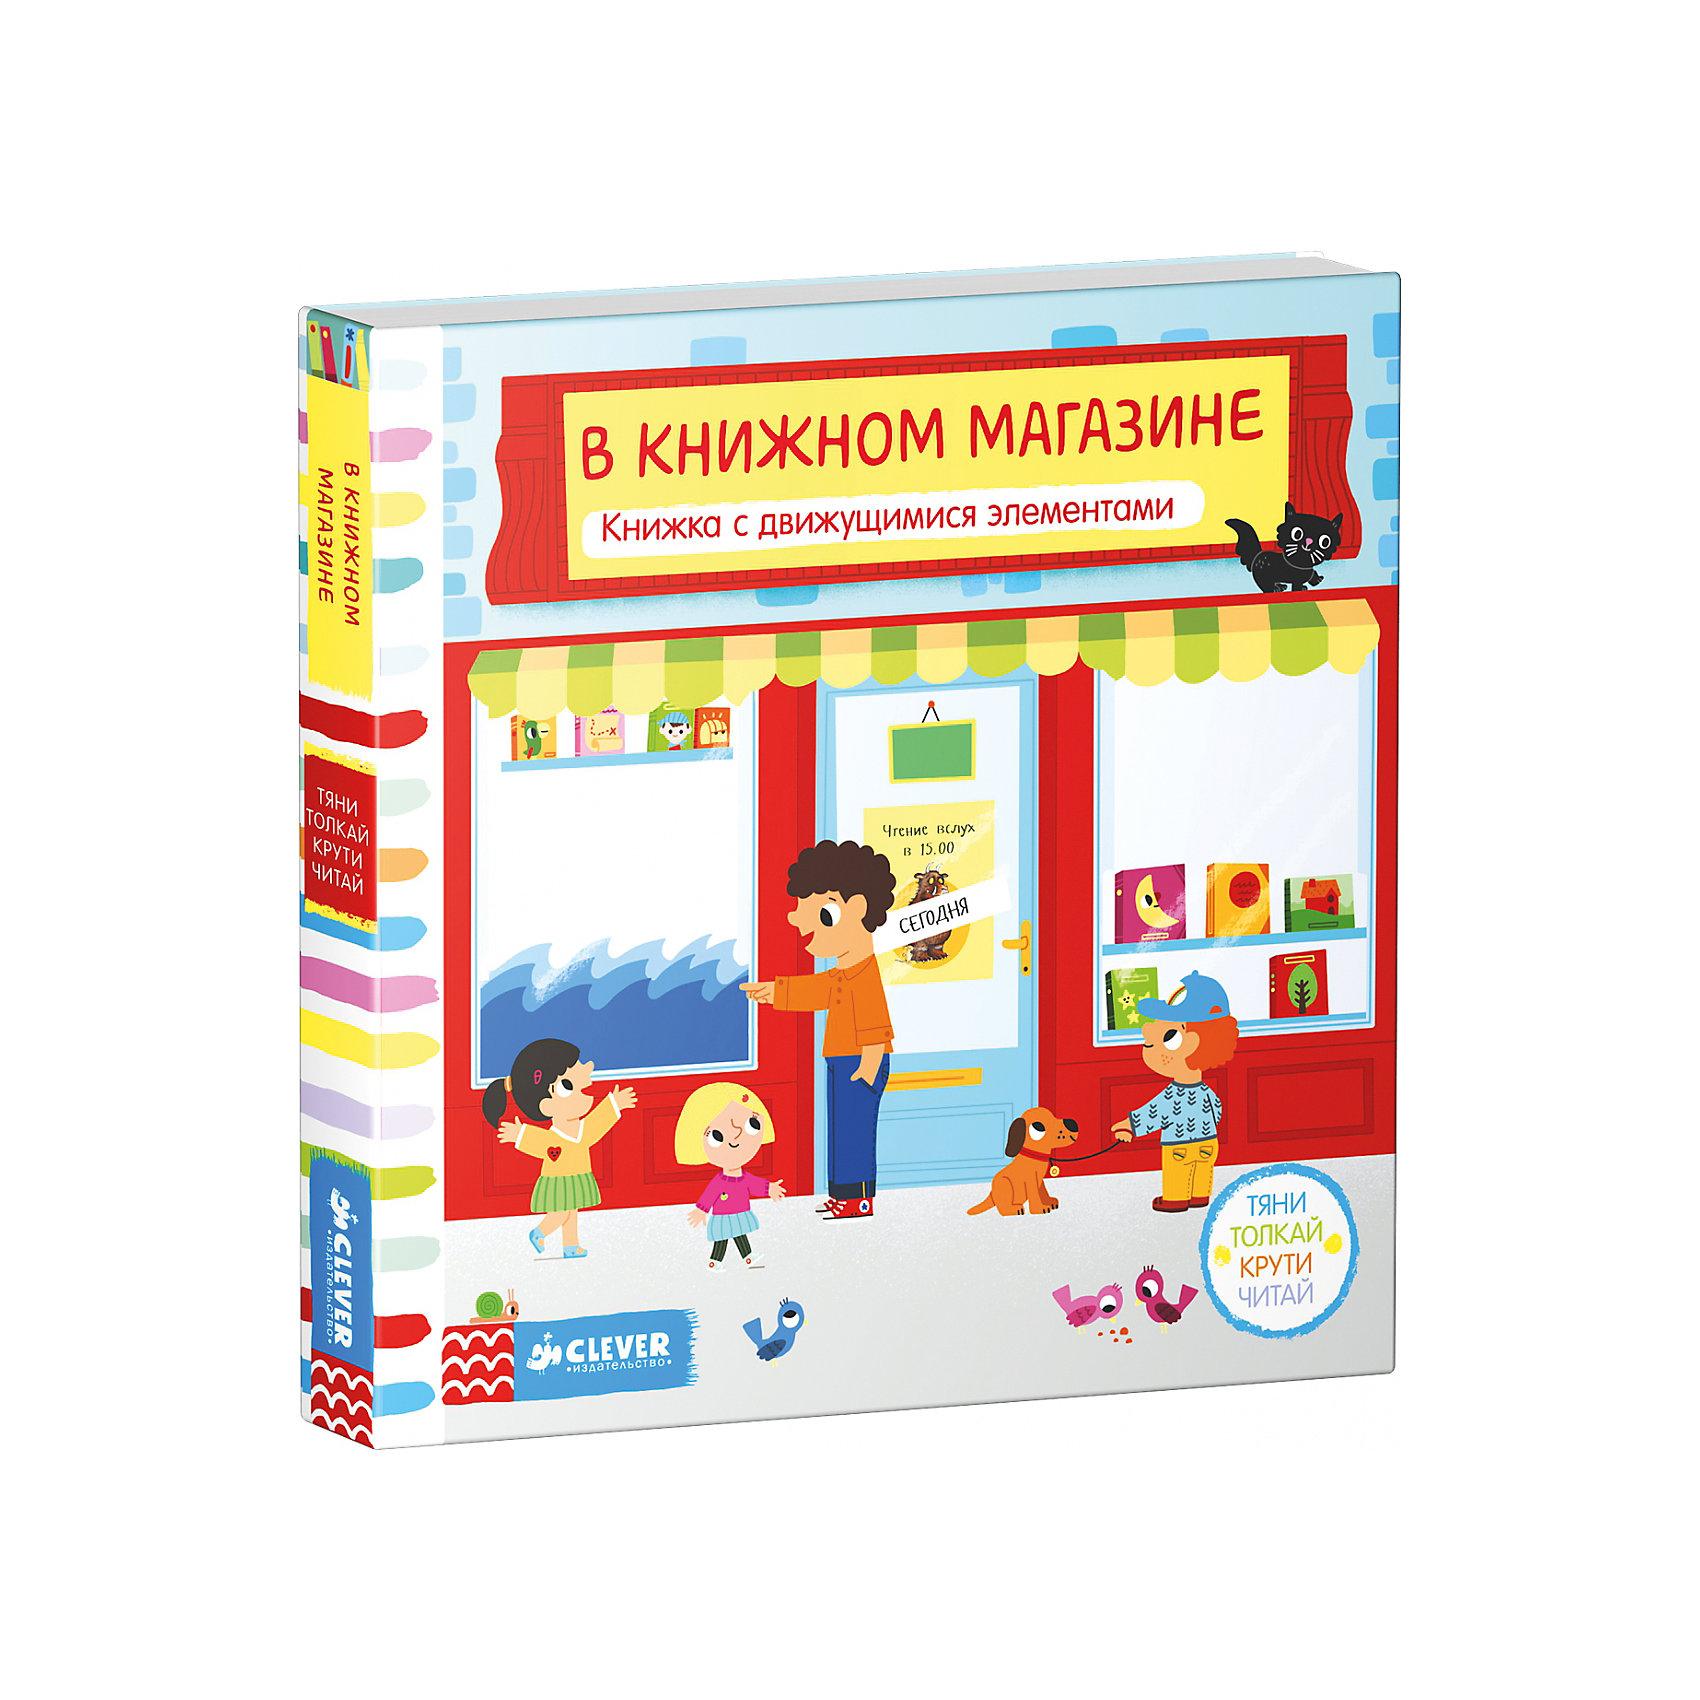 Clever В книжном магазине, Тяни, толкай, крути, читай, Р. Рут виброплатформы для похудения в алматы в интернет магазине